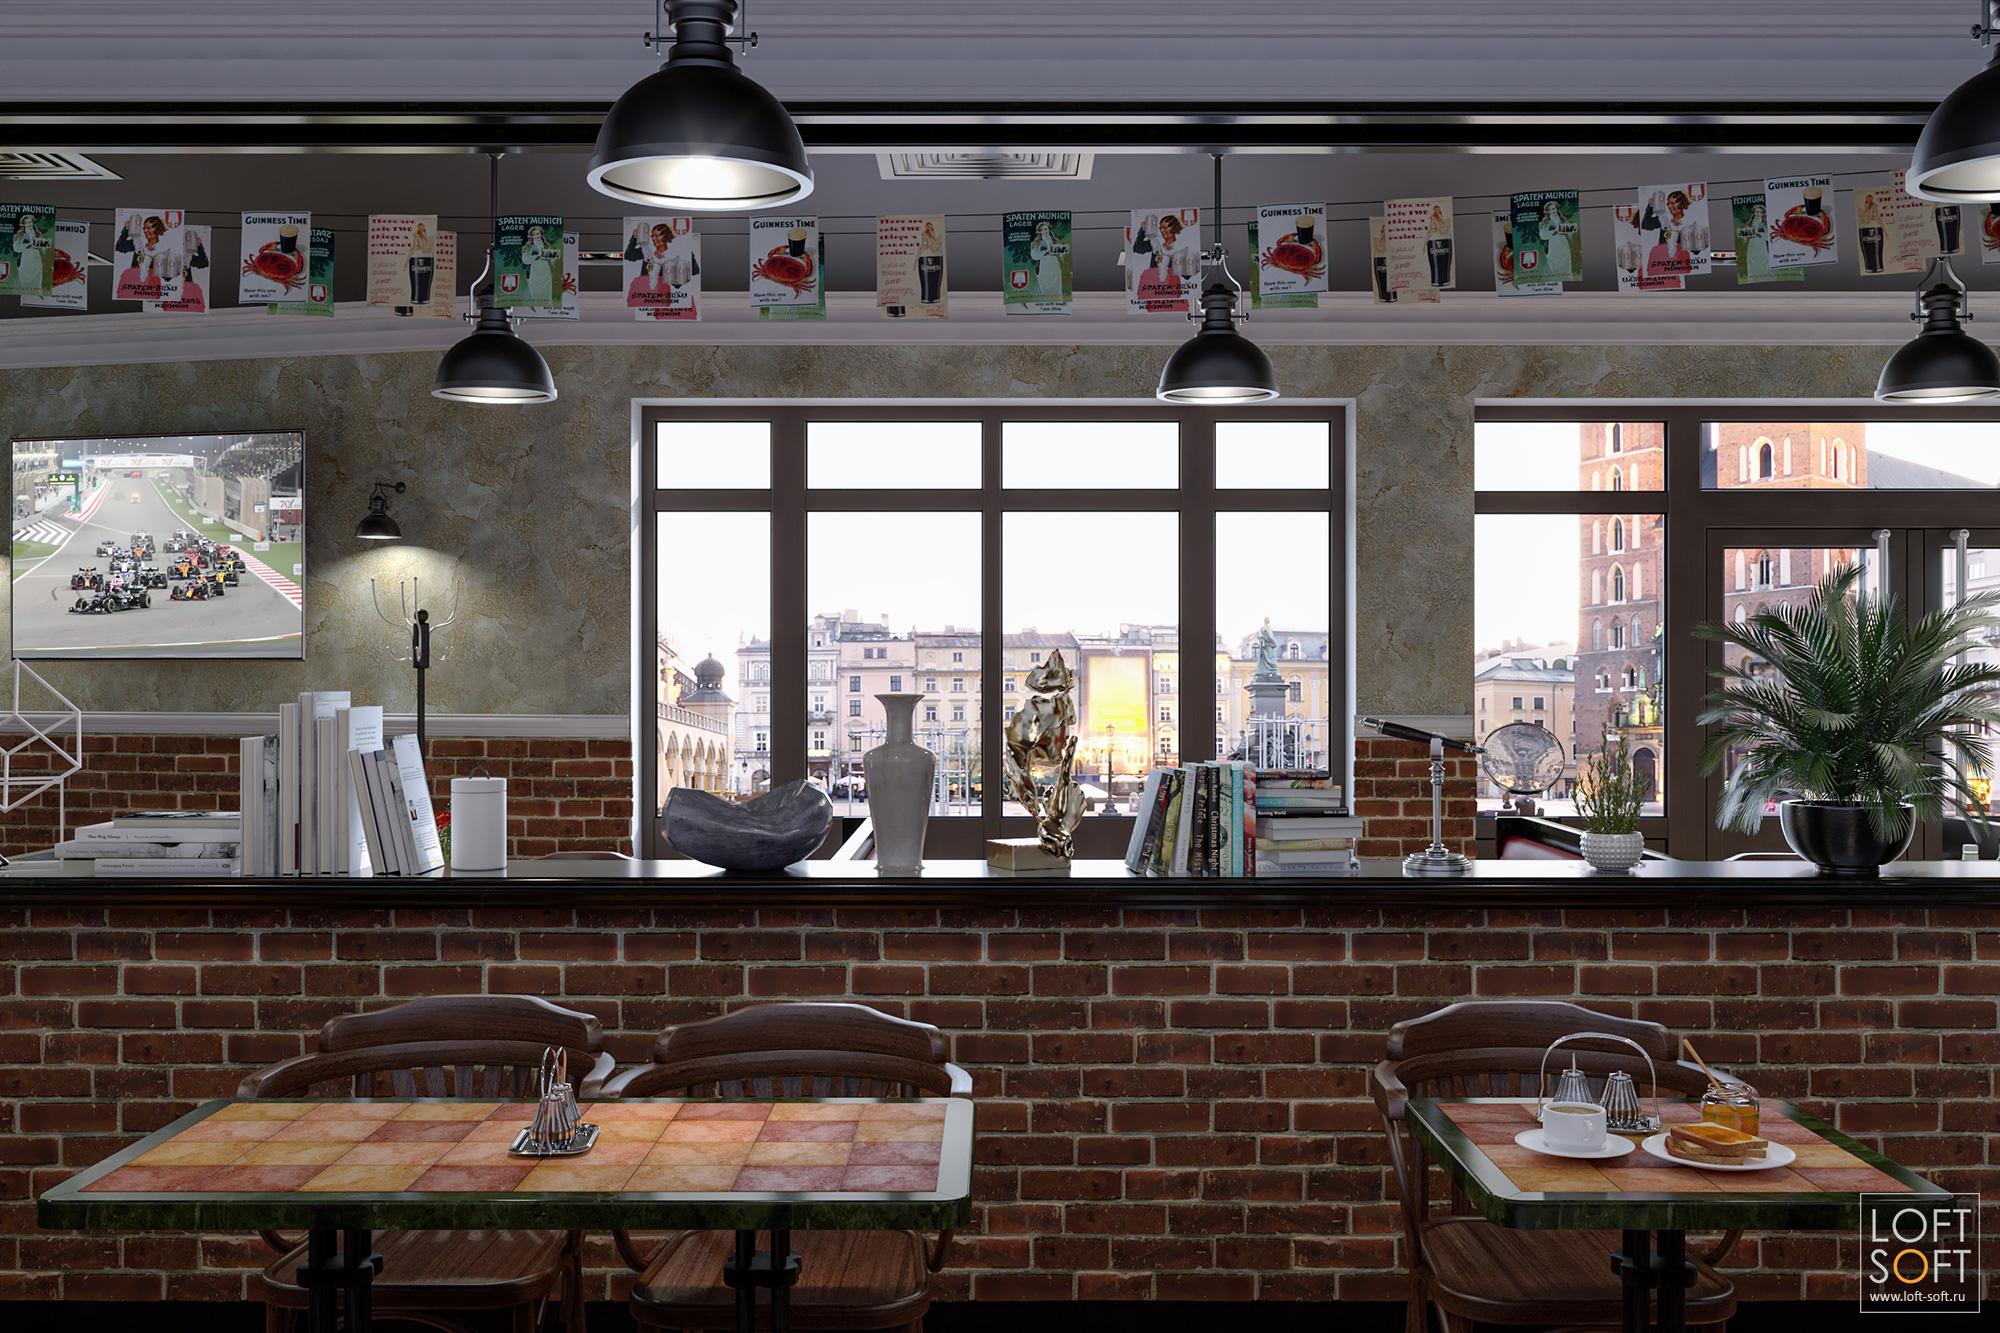 Дизайн гриль-ресторана. Кирпичные колонны взале.